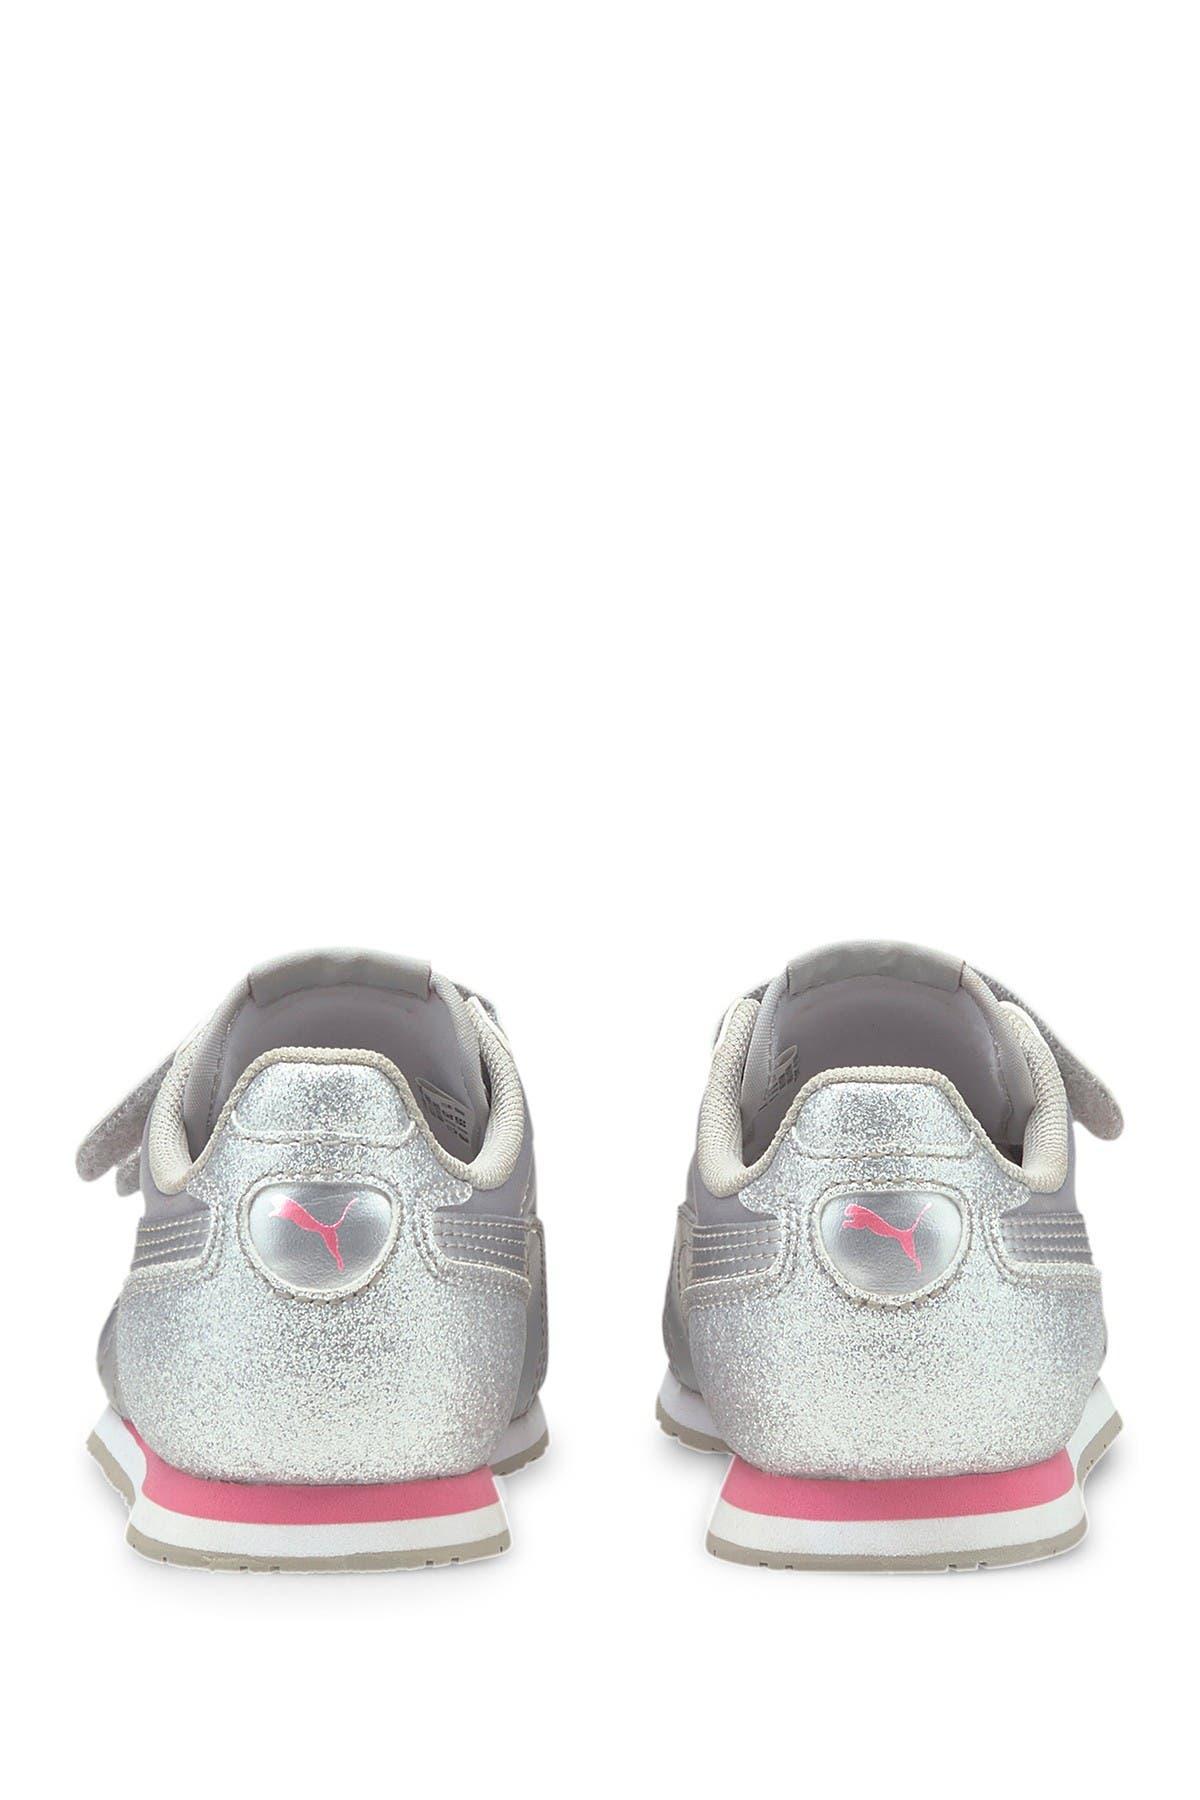 Image of PUMA Cabana Racer Glitz V Sneaker